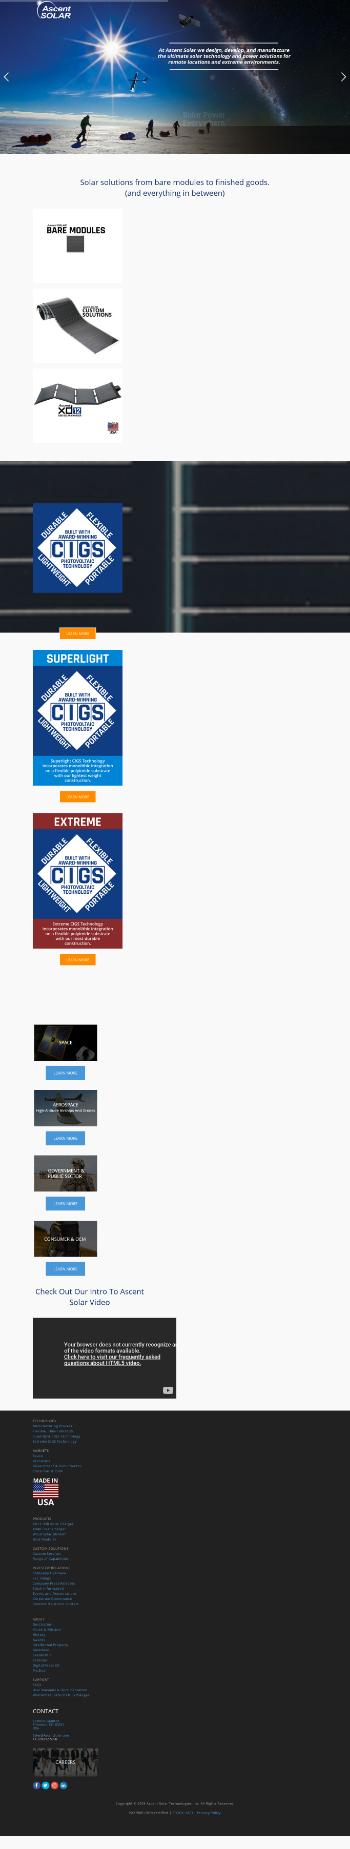 Ascent Solar Technologies, Inc. Website Screenshot